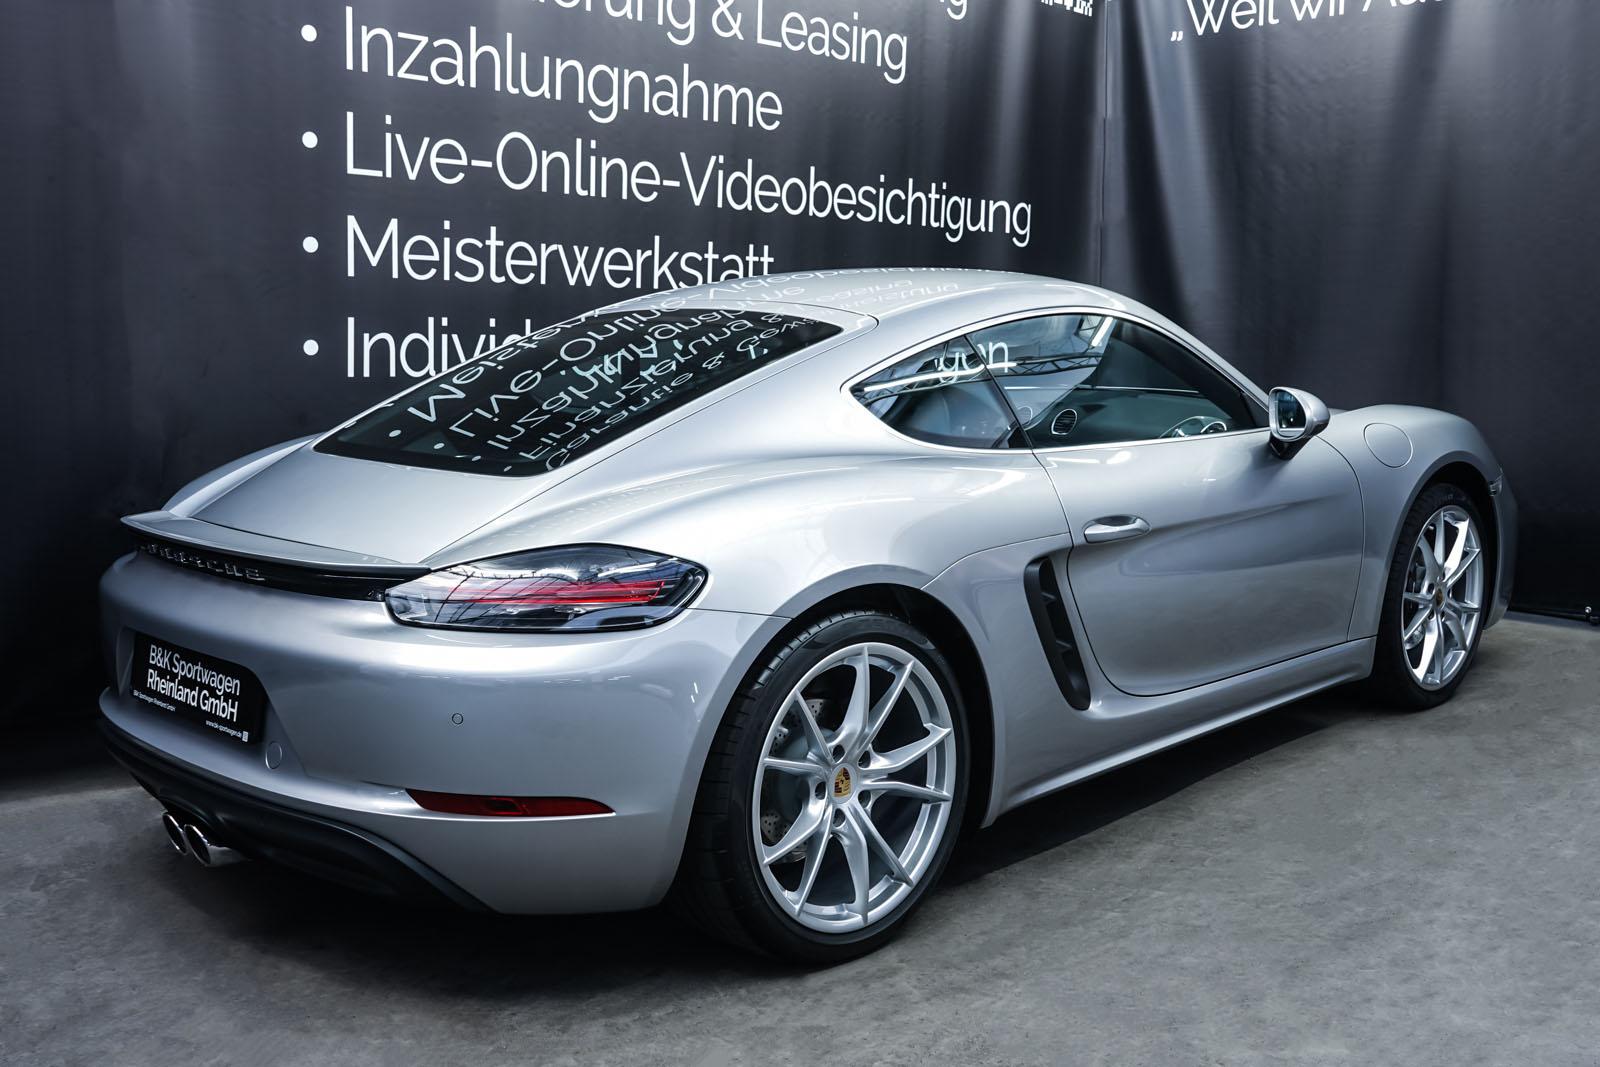 Porsche_718_Cayman_Silber_Schwarz_POR-0223_13_w